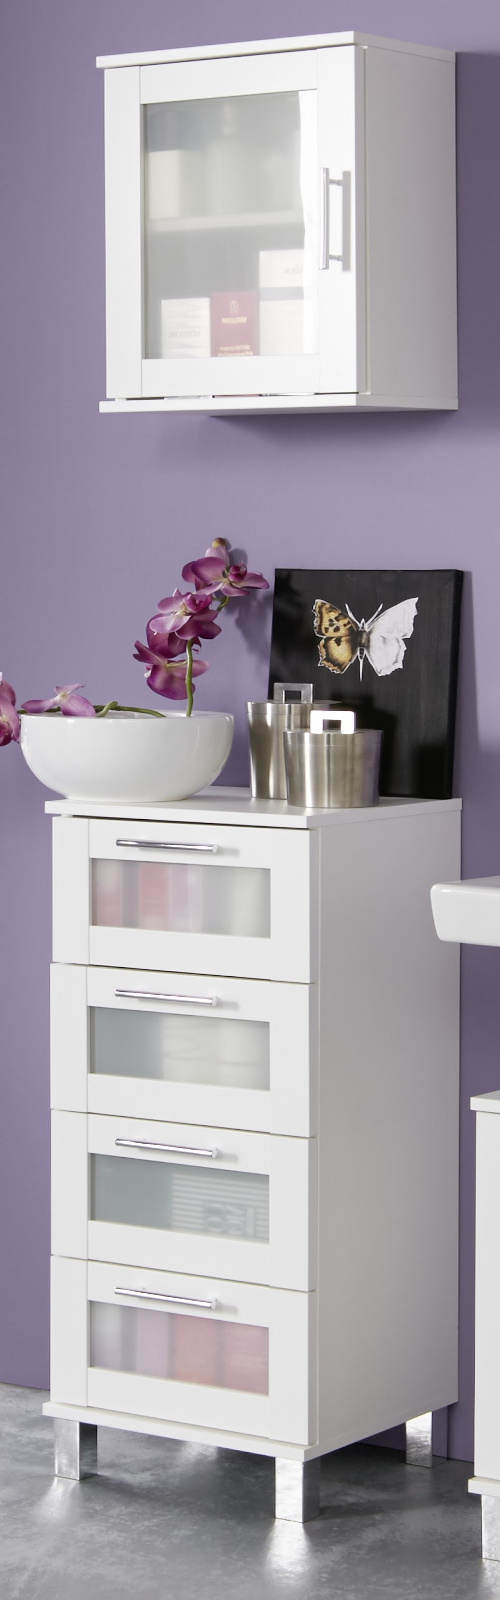 Bad Schrank Badezimmer Kommode In Weiß Mit Glas